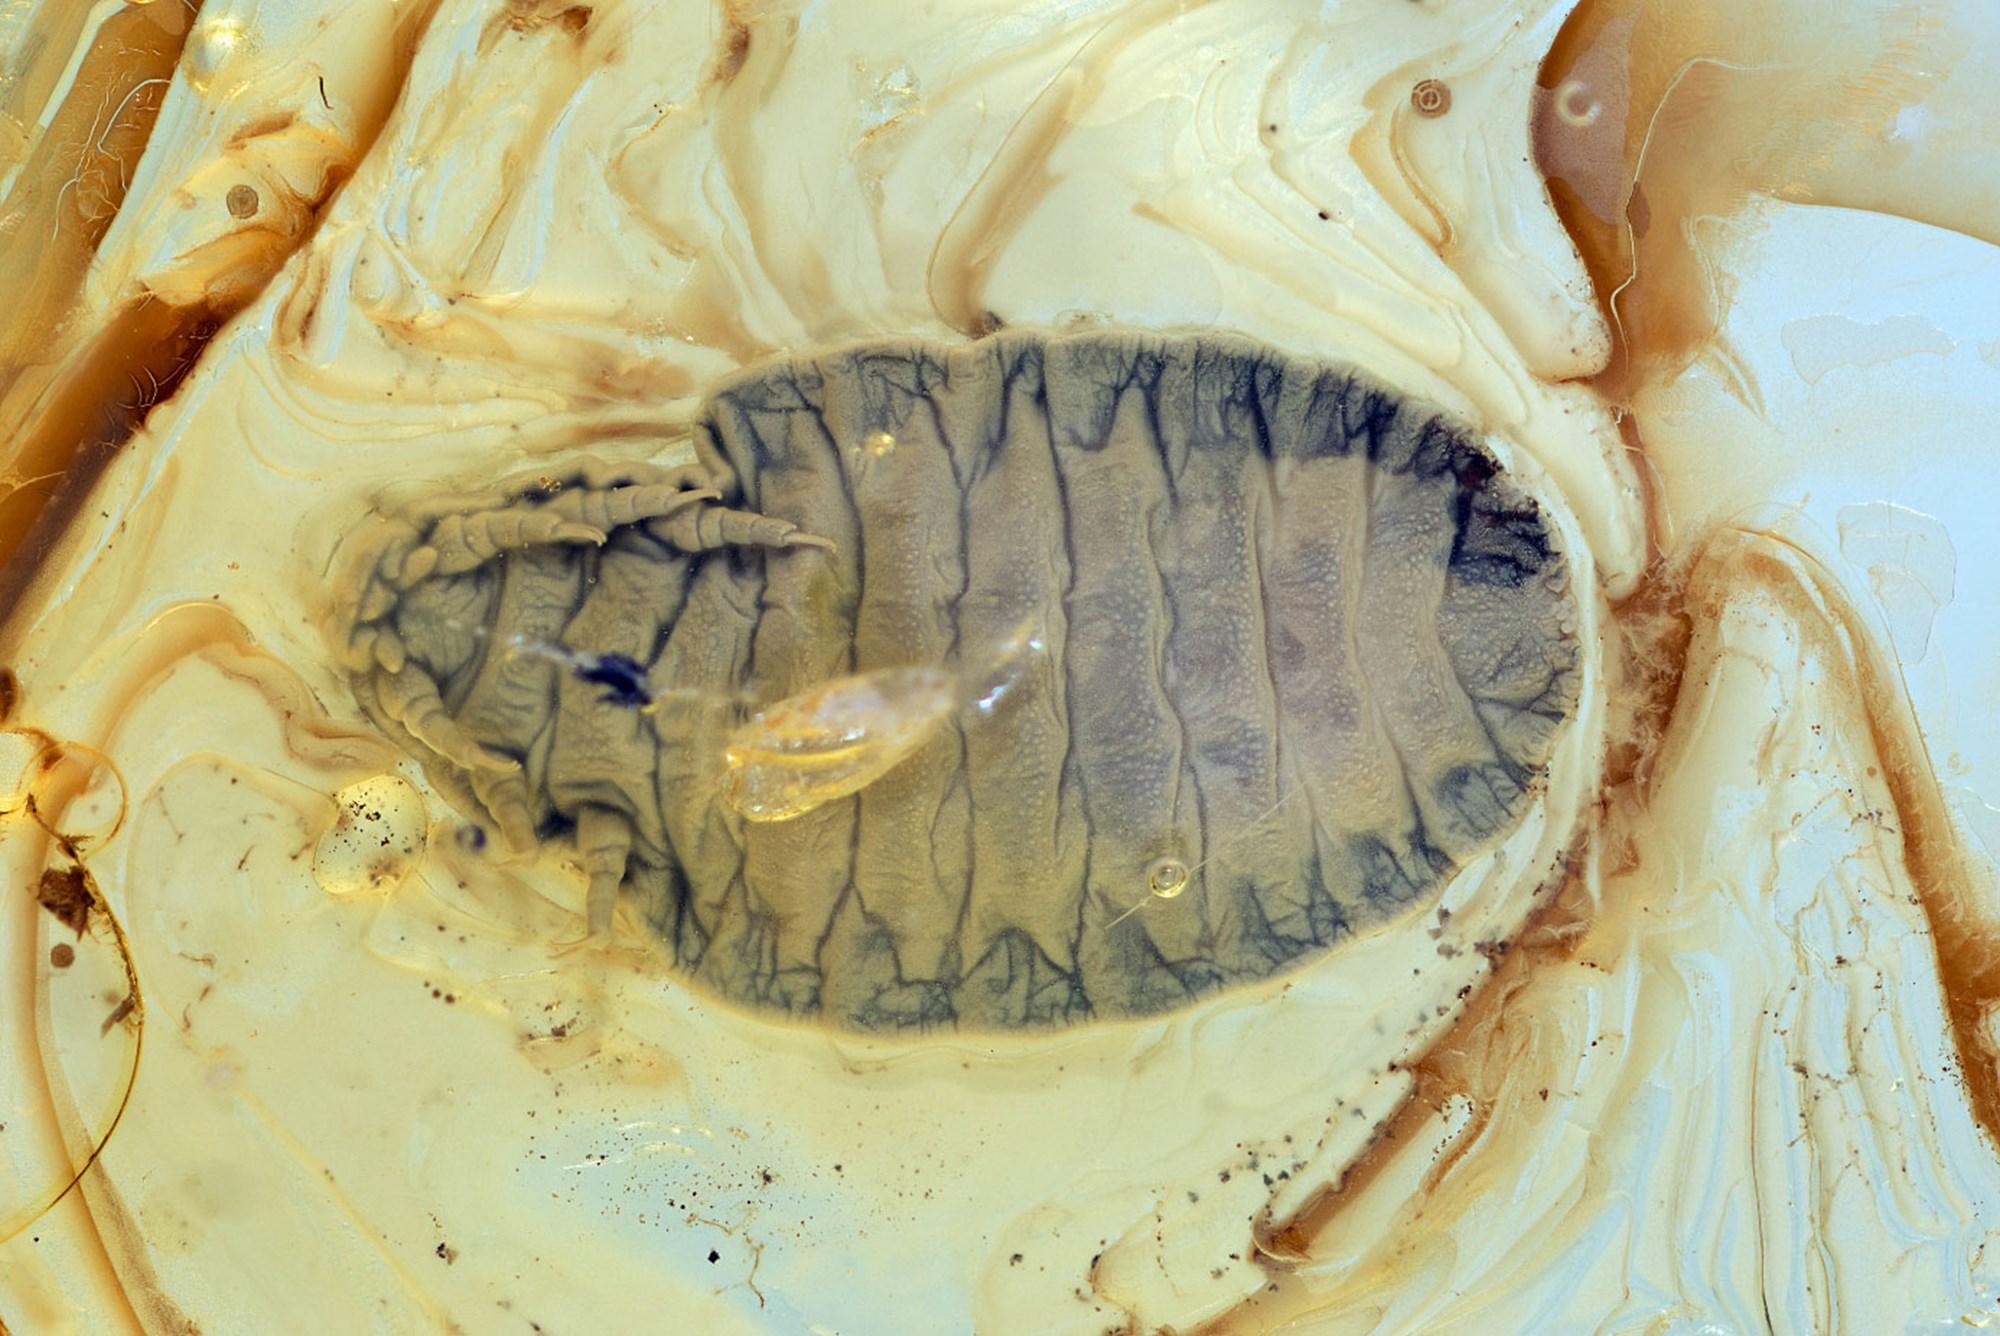 Teilchenbeschleuniger enträtselt einzigartiges Urzeit-Insekt – derStandard.at